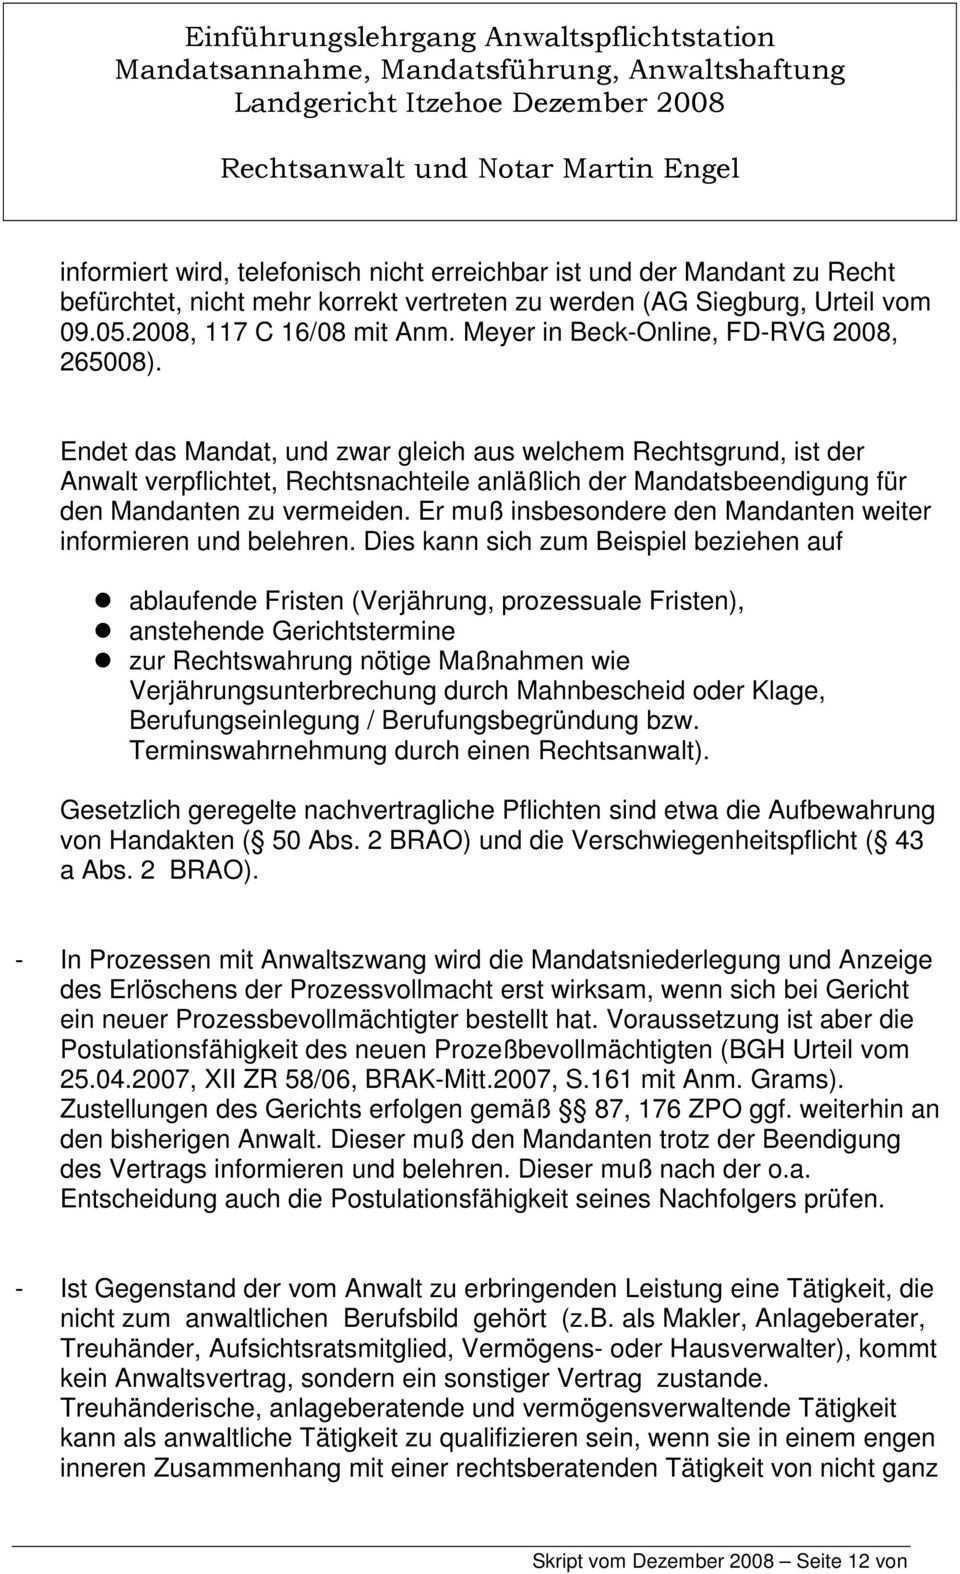 Ra Und Notar Martin Engel Einfuhrungslehrgang Anwaltspflichtstation Pdf Free Download